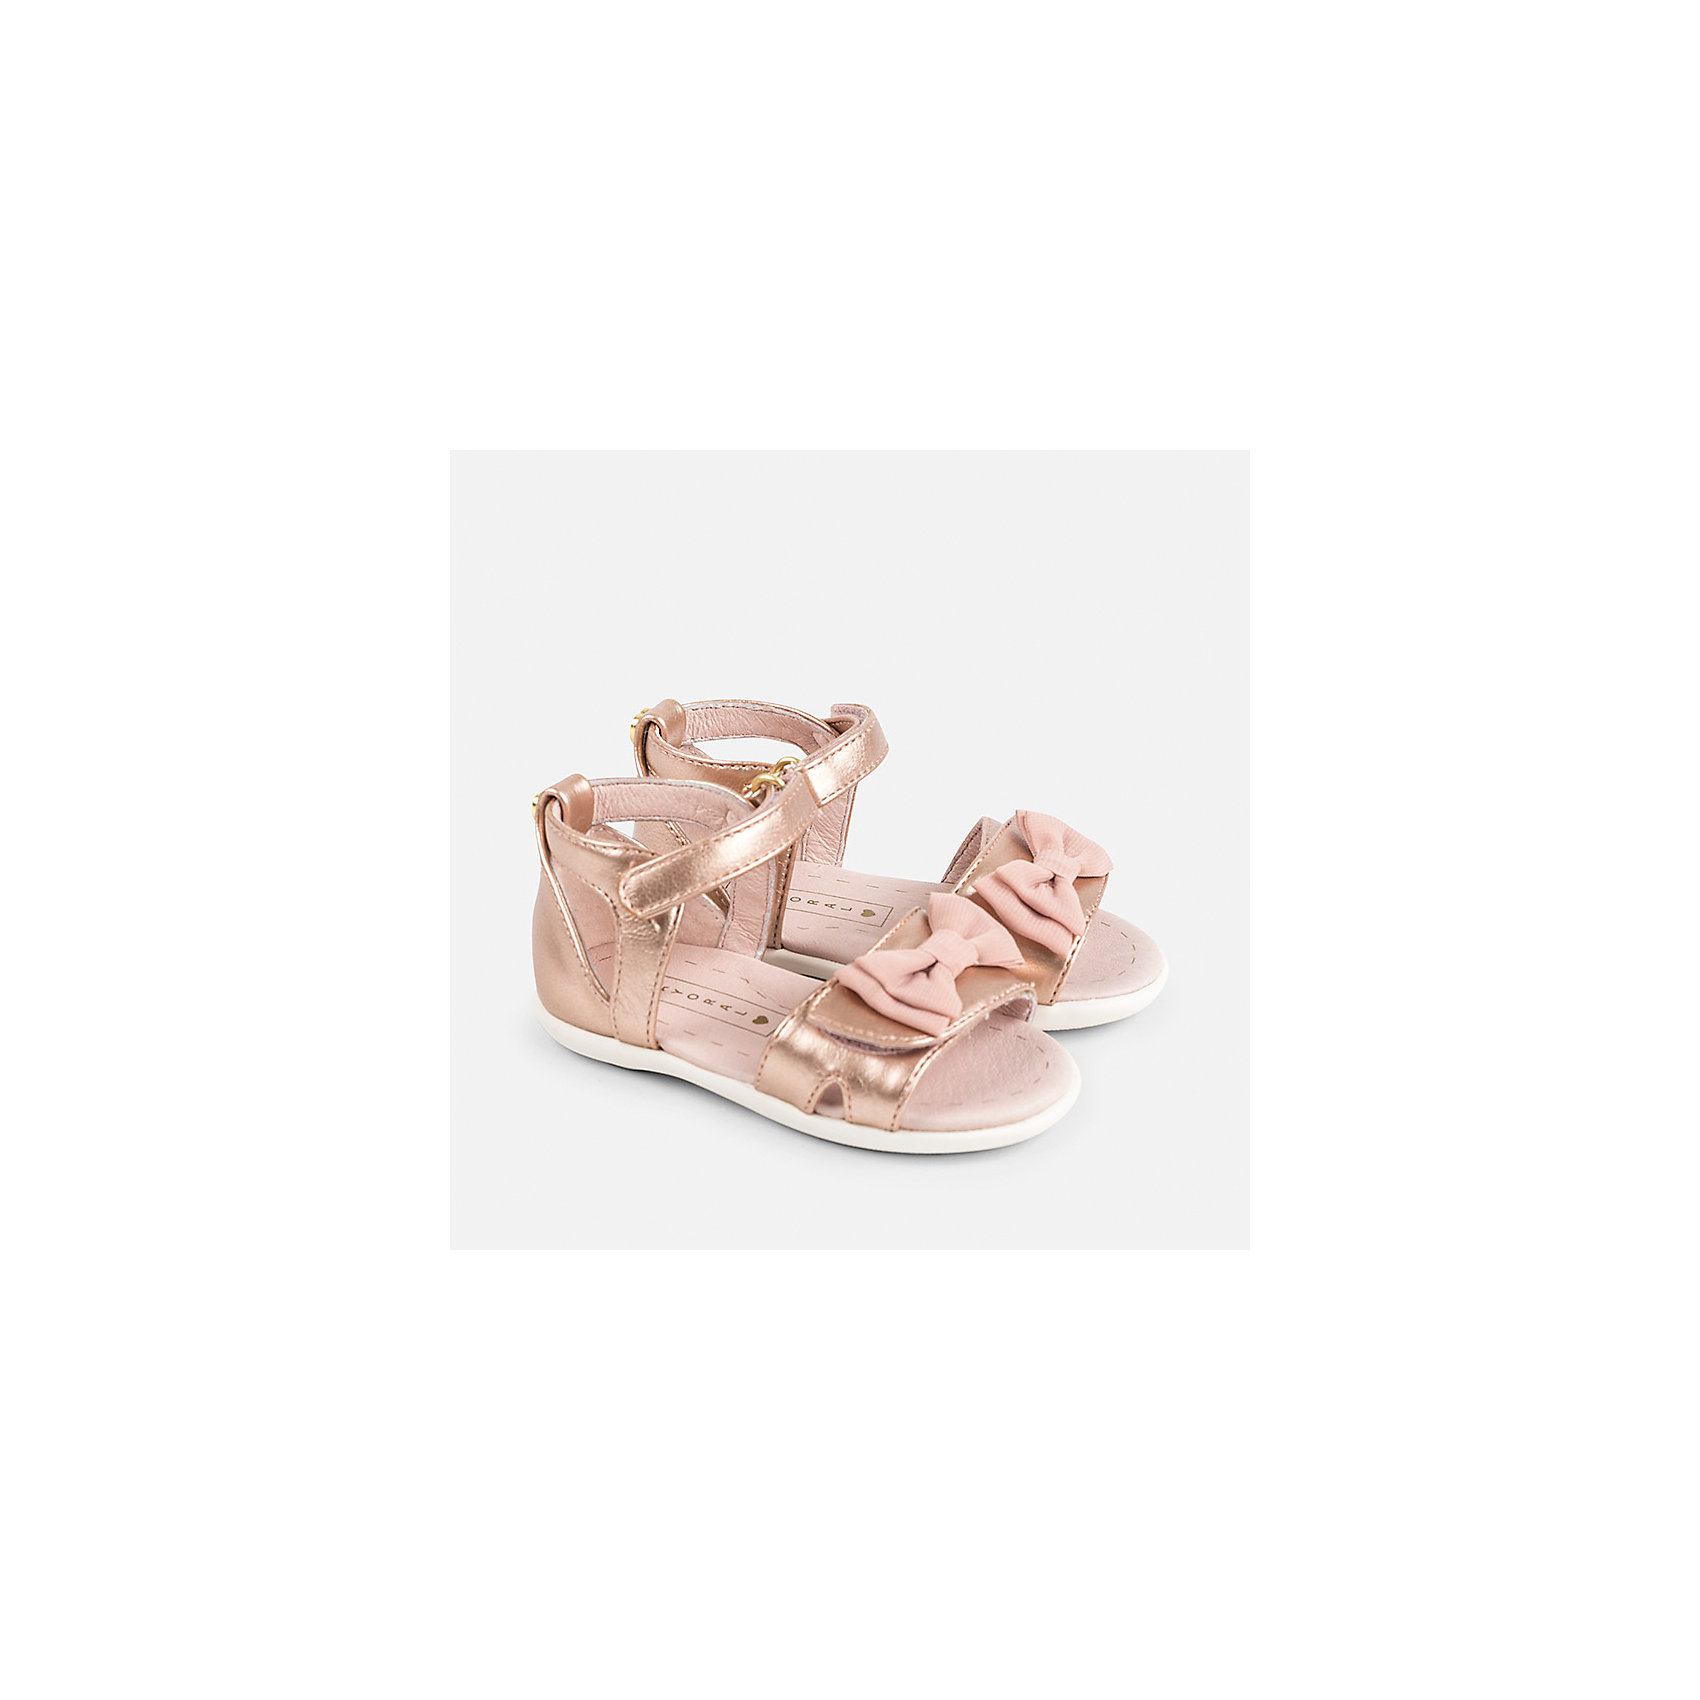 Сандалии для девочки MayoralСандалии<br>Характеристики товара:<br><br>• цвет: розовый<br>• состав: верх - полиуретан, подкладка и стелька - 100% натуральная кожа, подошва - резина<br>• застежка: липучка<br>• сзади - металлическое украшение<br>• устойчивая подошва<br>• декорированы бантом<br>• страна бренда: Испания<br><br>Удобные симпатичные сандали для девочки помогут обеспечить ребенку комфорт и дополнить наряд. Универсальный цвет позволяет надевать их под наряд разных расцветок. Сандали удобно сидят на ноге и красиво смотрятся. Отличный вариант и на праздник и на каждый день!<br><br>Одежда, обувь и аксессуары от испанского бренда Mayoral полюбились детям и взрослым по всему миру. Модели этой марки - стильные и удобные. Для их производства используются только безопасные, качественные материалы и фурнитура. Порадуйте ребенка модными и красивыми вещами от Mayoral! <br><br>Сандали для девочки от испанского бренда Mayoral (Майорал) можно купить в нашем интернет-магазине.<br><br>Ширина мм: 219<br>Глубина мм: 154<br>Высота мм: 121<br>Вес г: 343<br>Цвет: розовый<br>Возраст от месяцев: 24<br>Возраст до месяцев: 24<br>Пол: Женский<br>Возраст: Детский<br>Размер: 25,22,23,24<br>SKU: 5293673